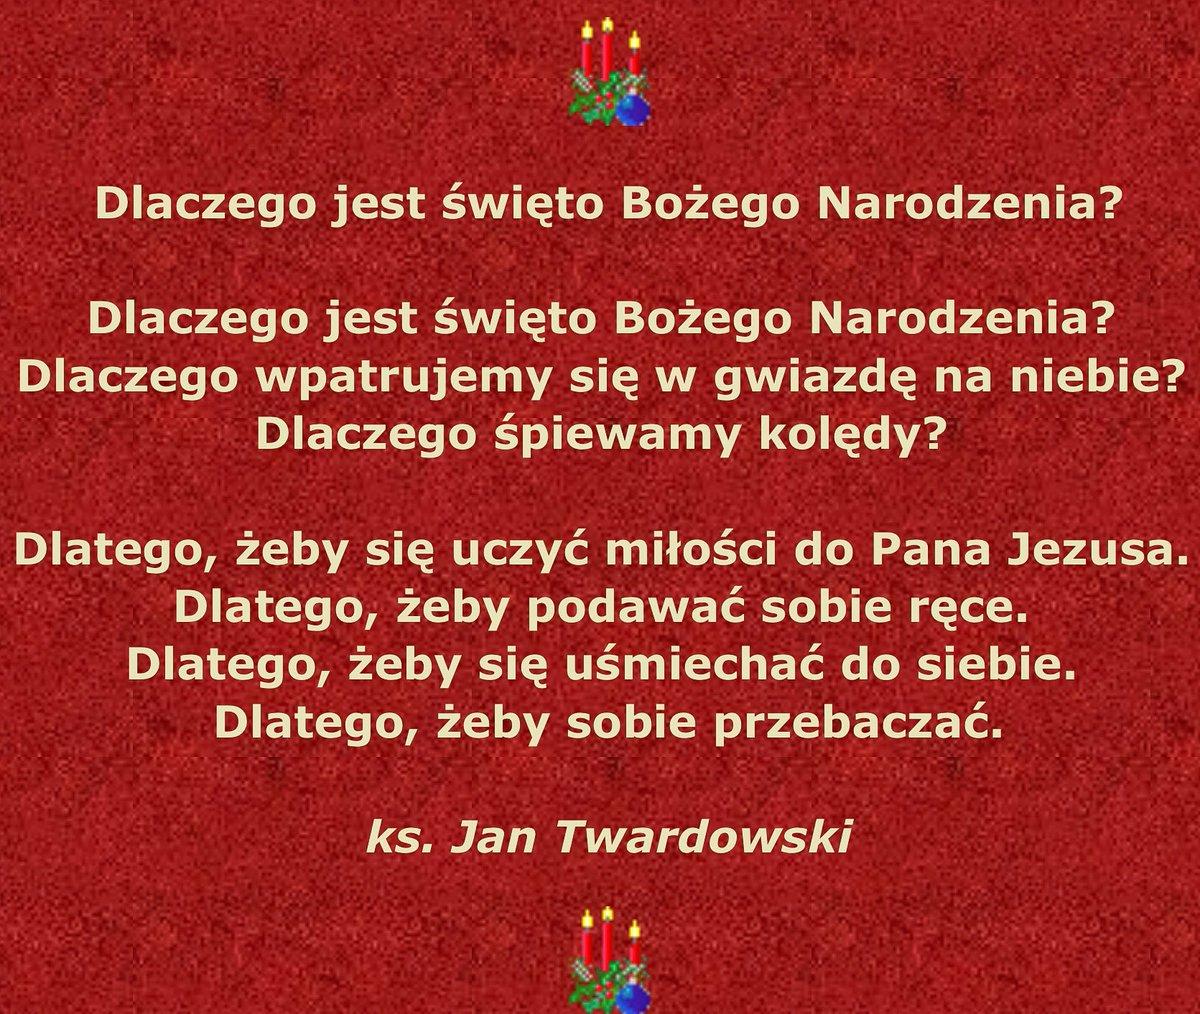 Witold Kabański On Twitter Wierzącym Wiersz Ks Jana